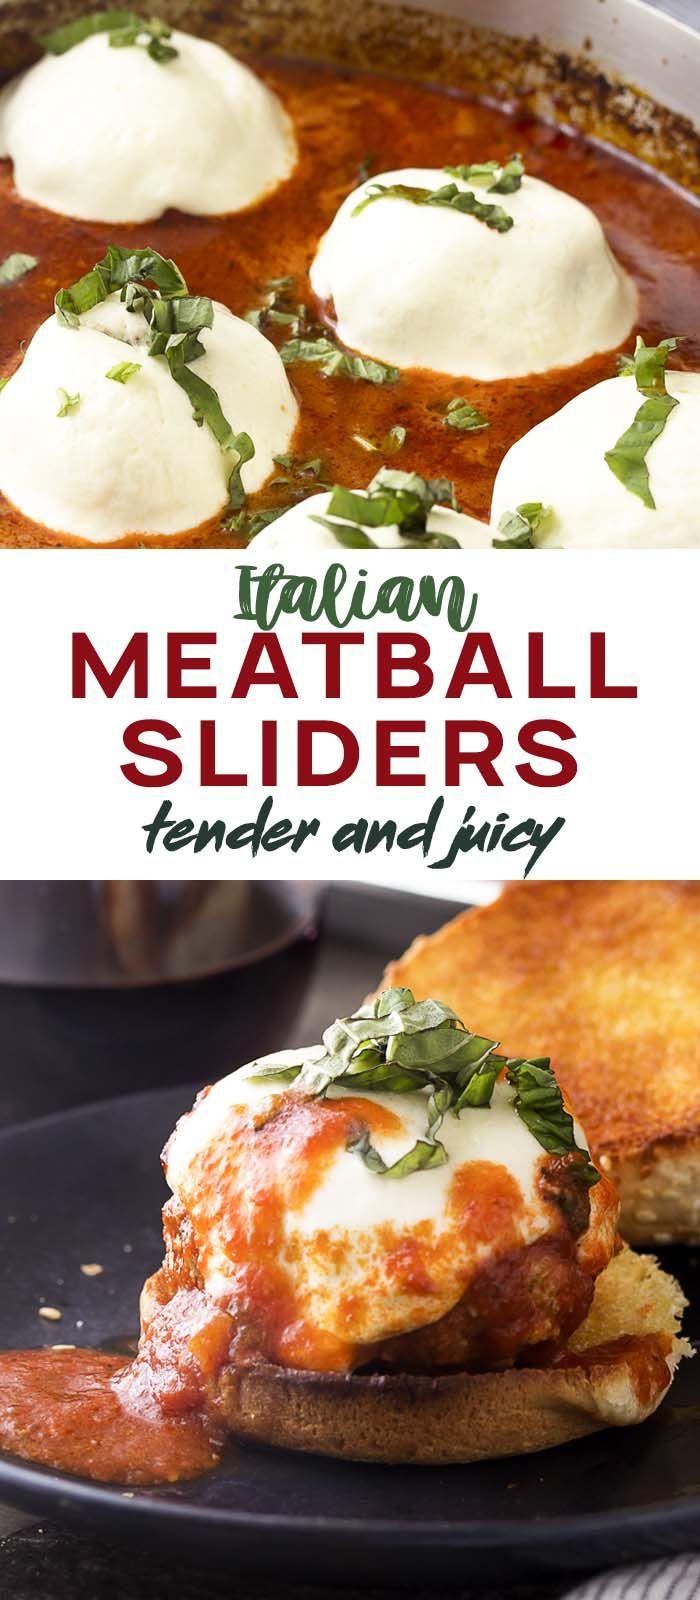 Italian Meatball Sliders images